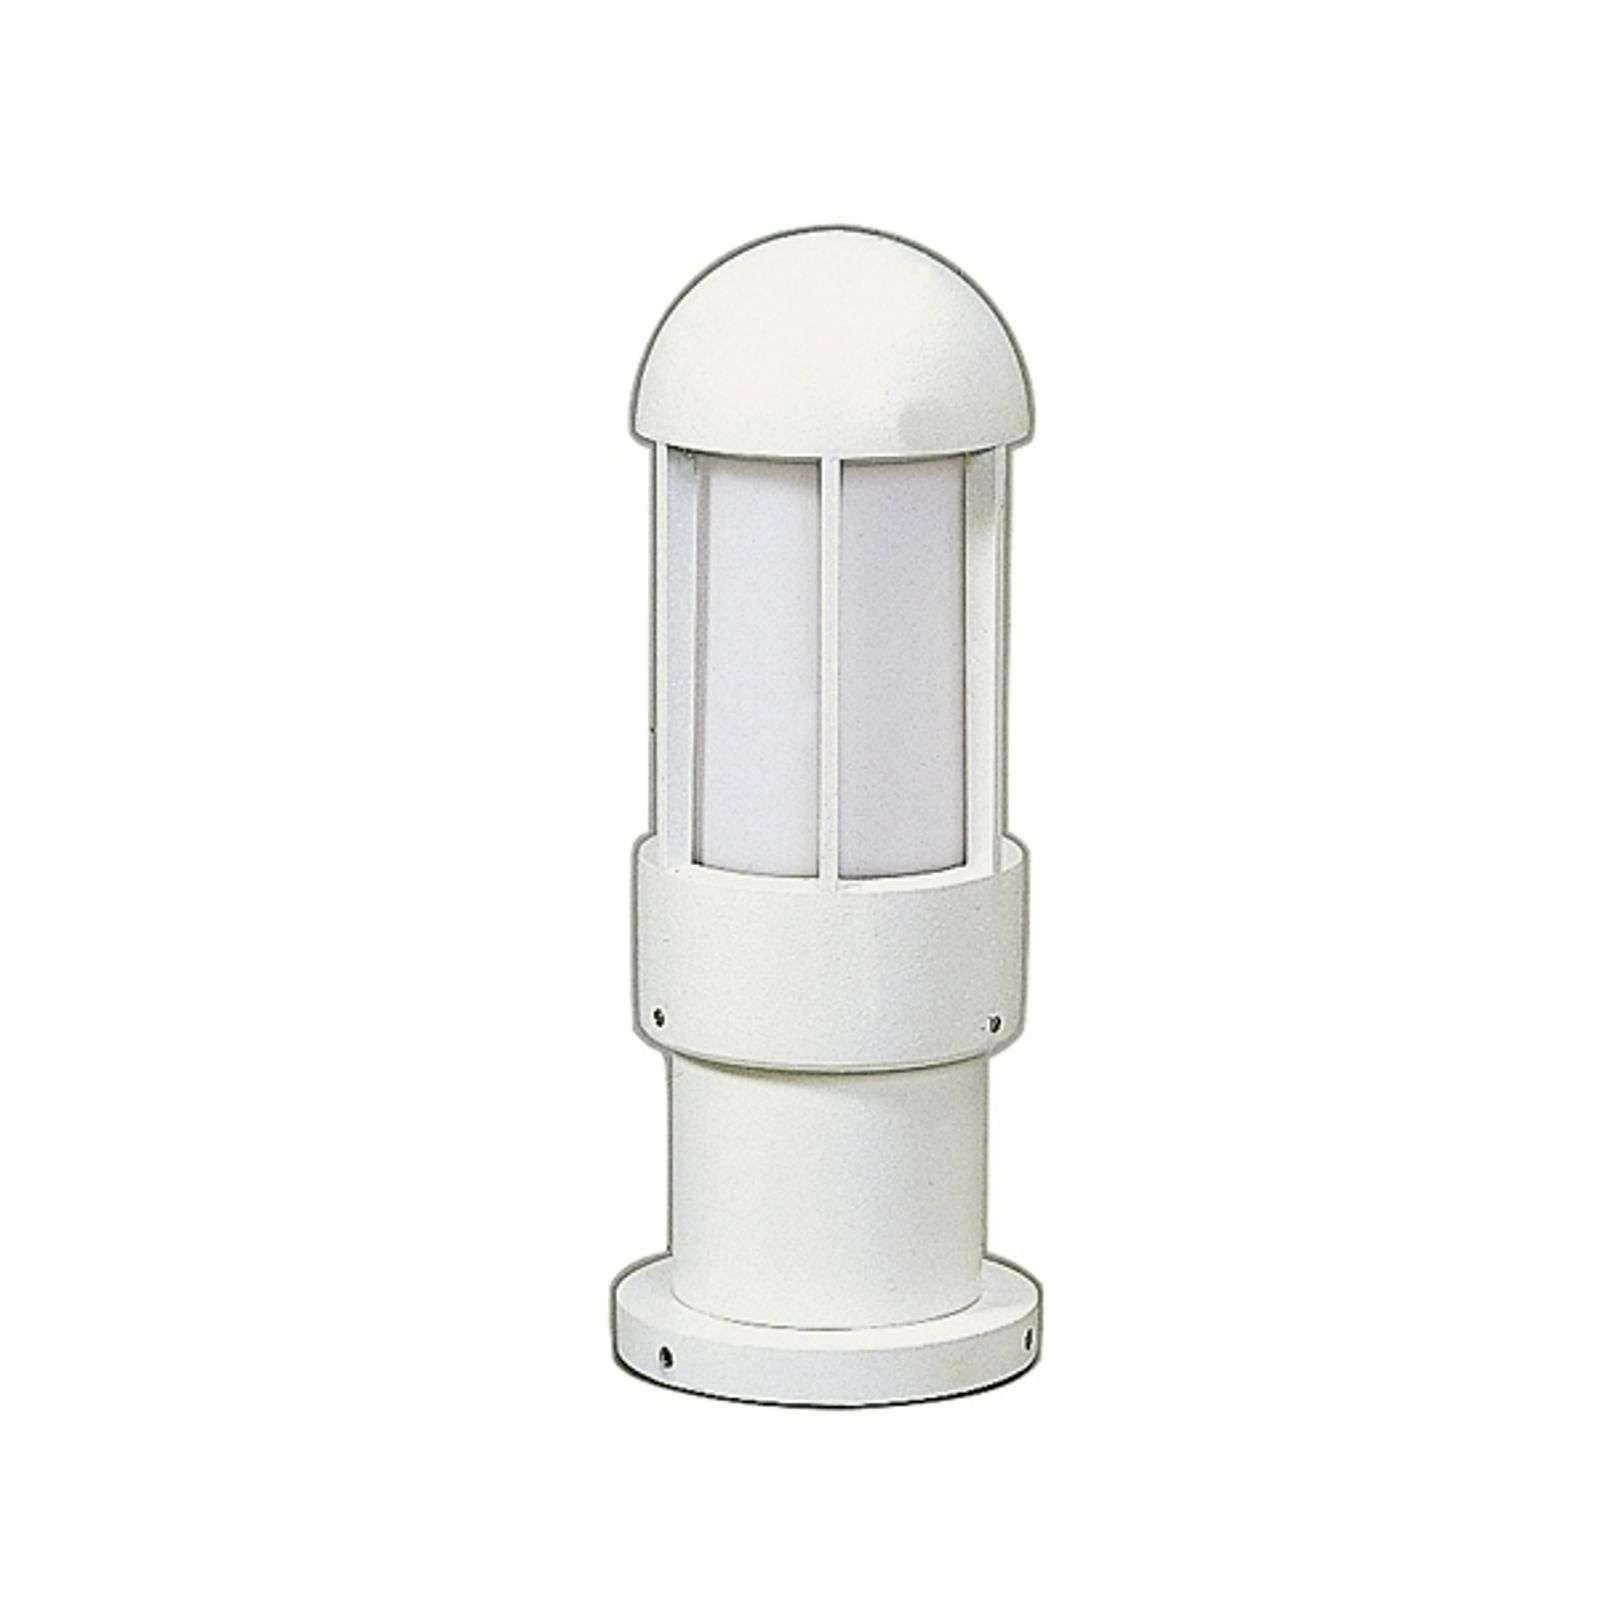 Aantrekkelijke Sokkellamp 259 W Van Albert Leuchten In 2020 Lampen Lampen24 Glas